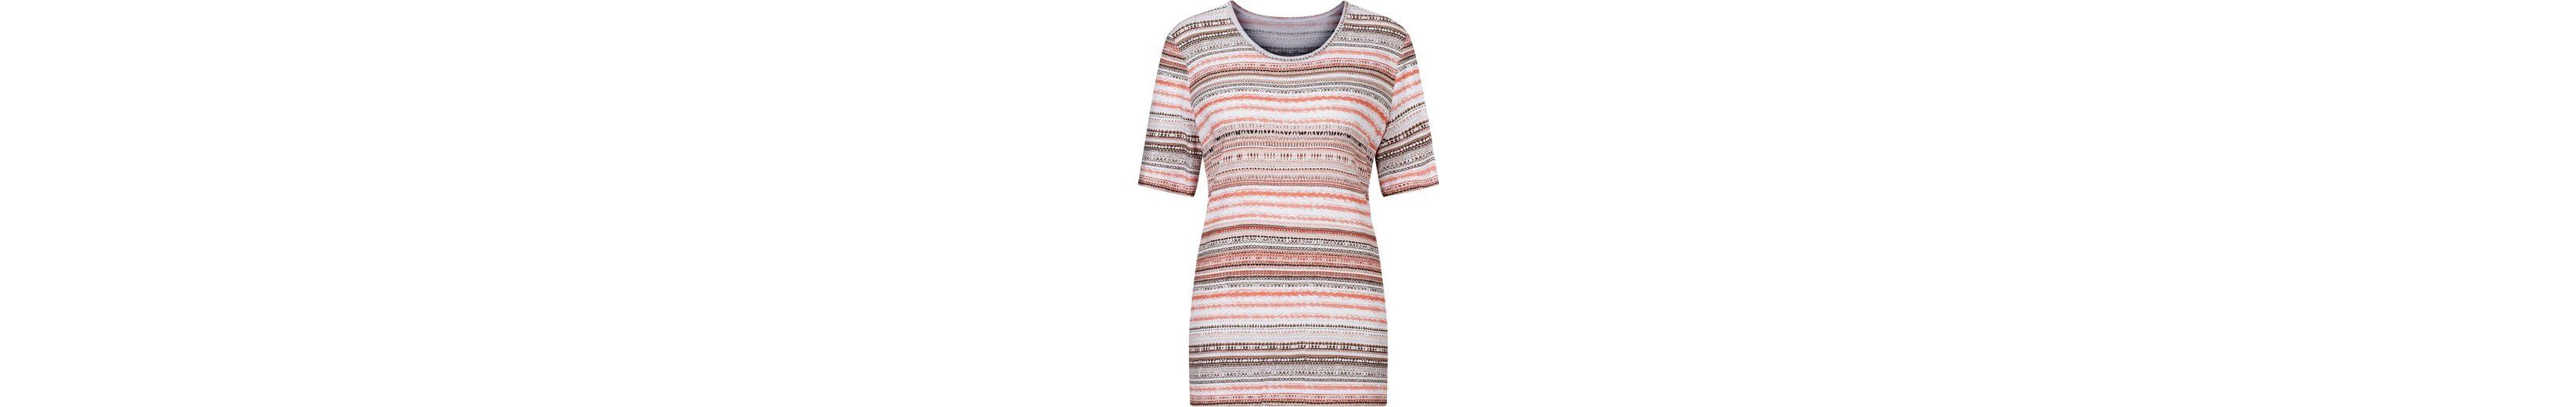 Shirt im hautsympathischen Materialmix  Um Online Outlet Rabatt Bester Ort Perfekte Online iUOdCRP